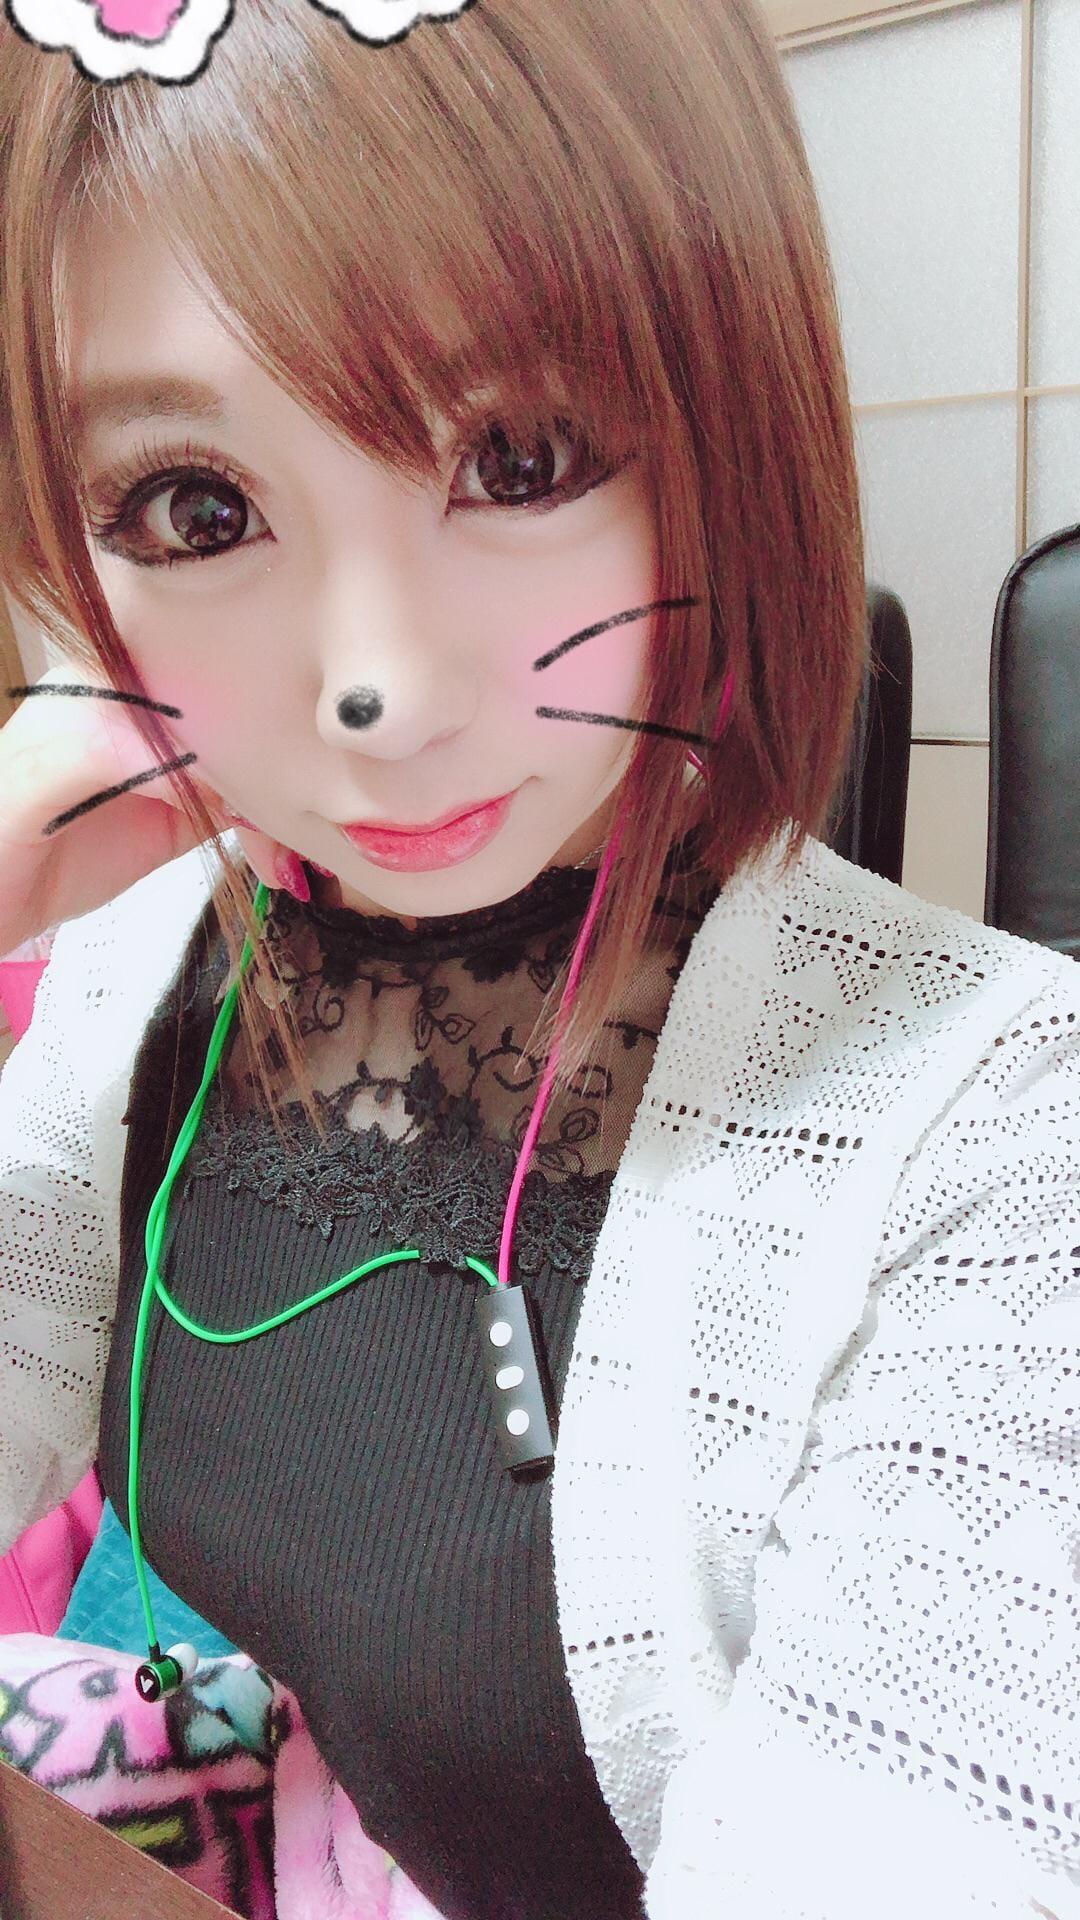 「こんにちは!」07/29(07/29) 18:21 | さとみの写メ・風俗動画